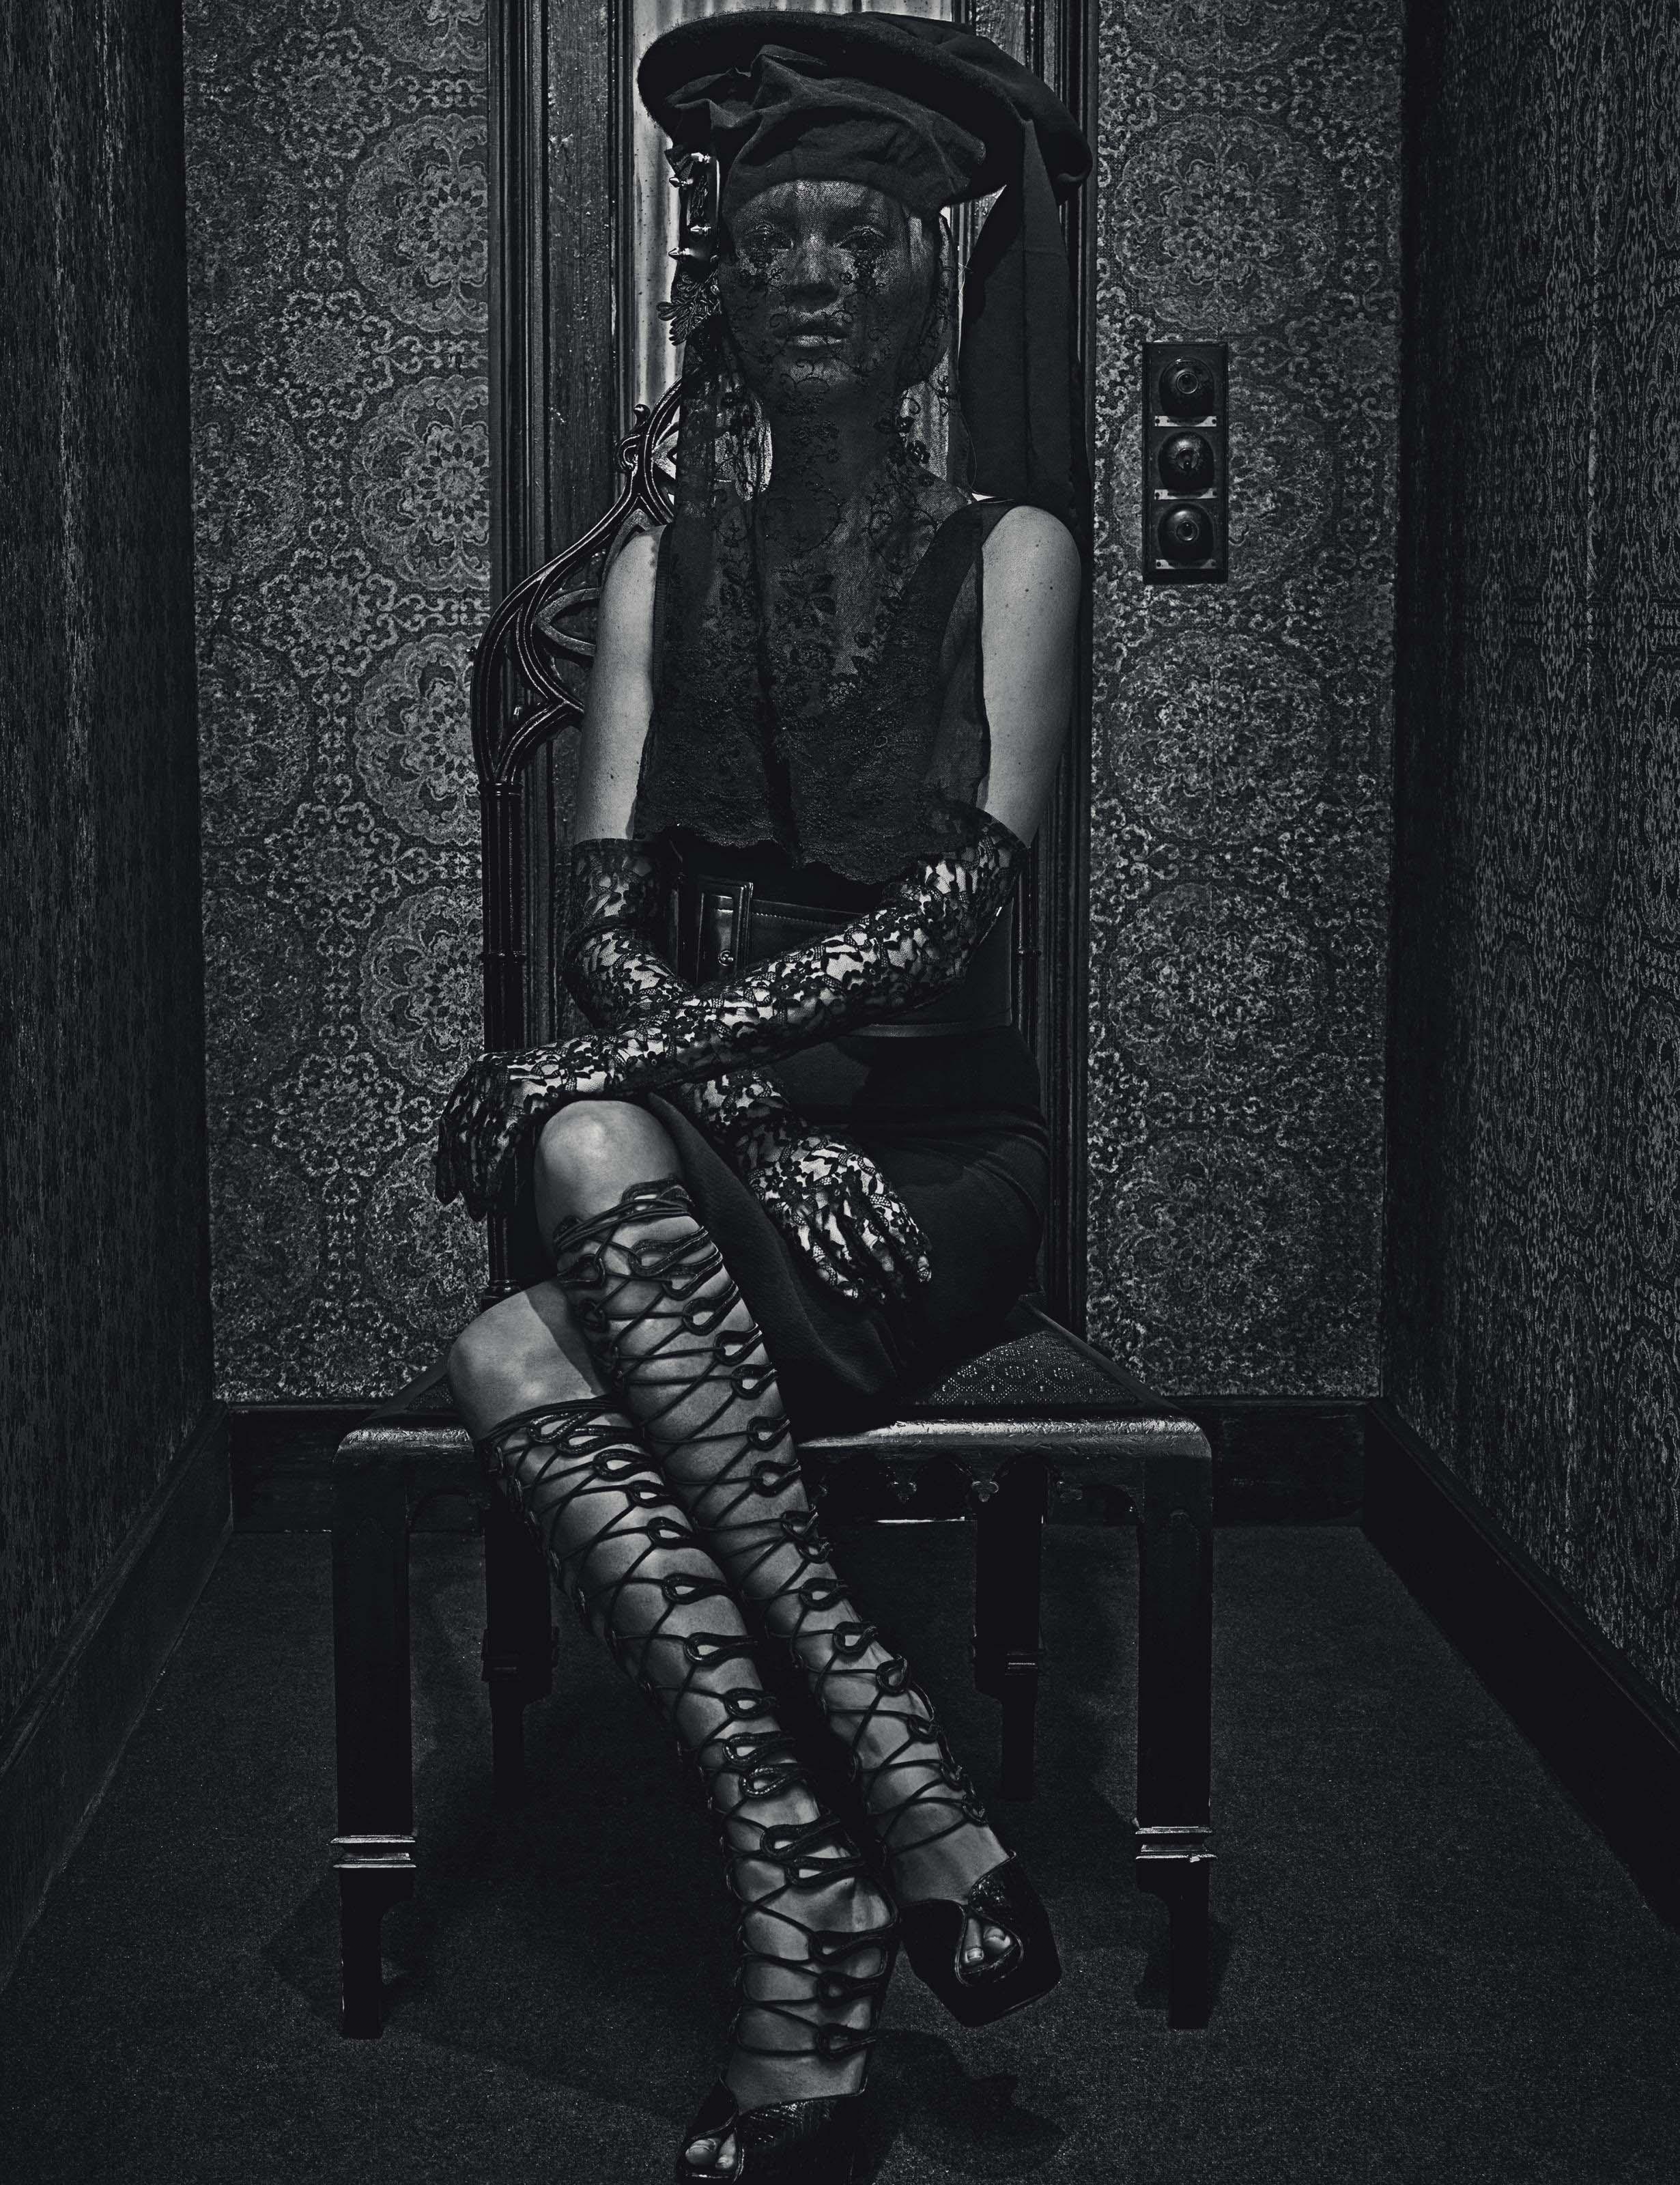 Kate Moss - Study #7, 2011